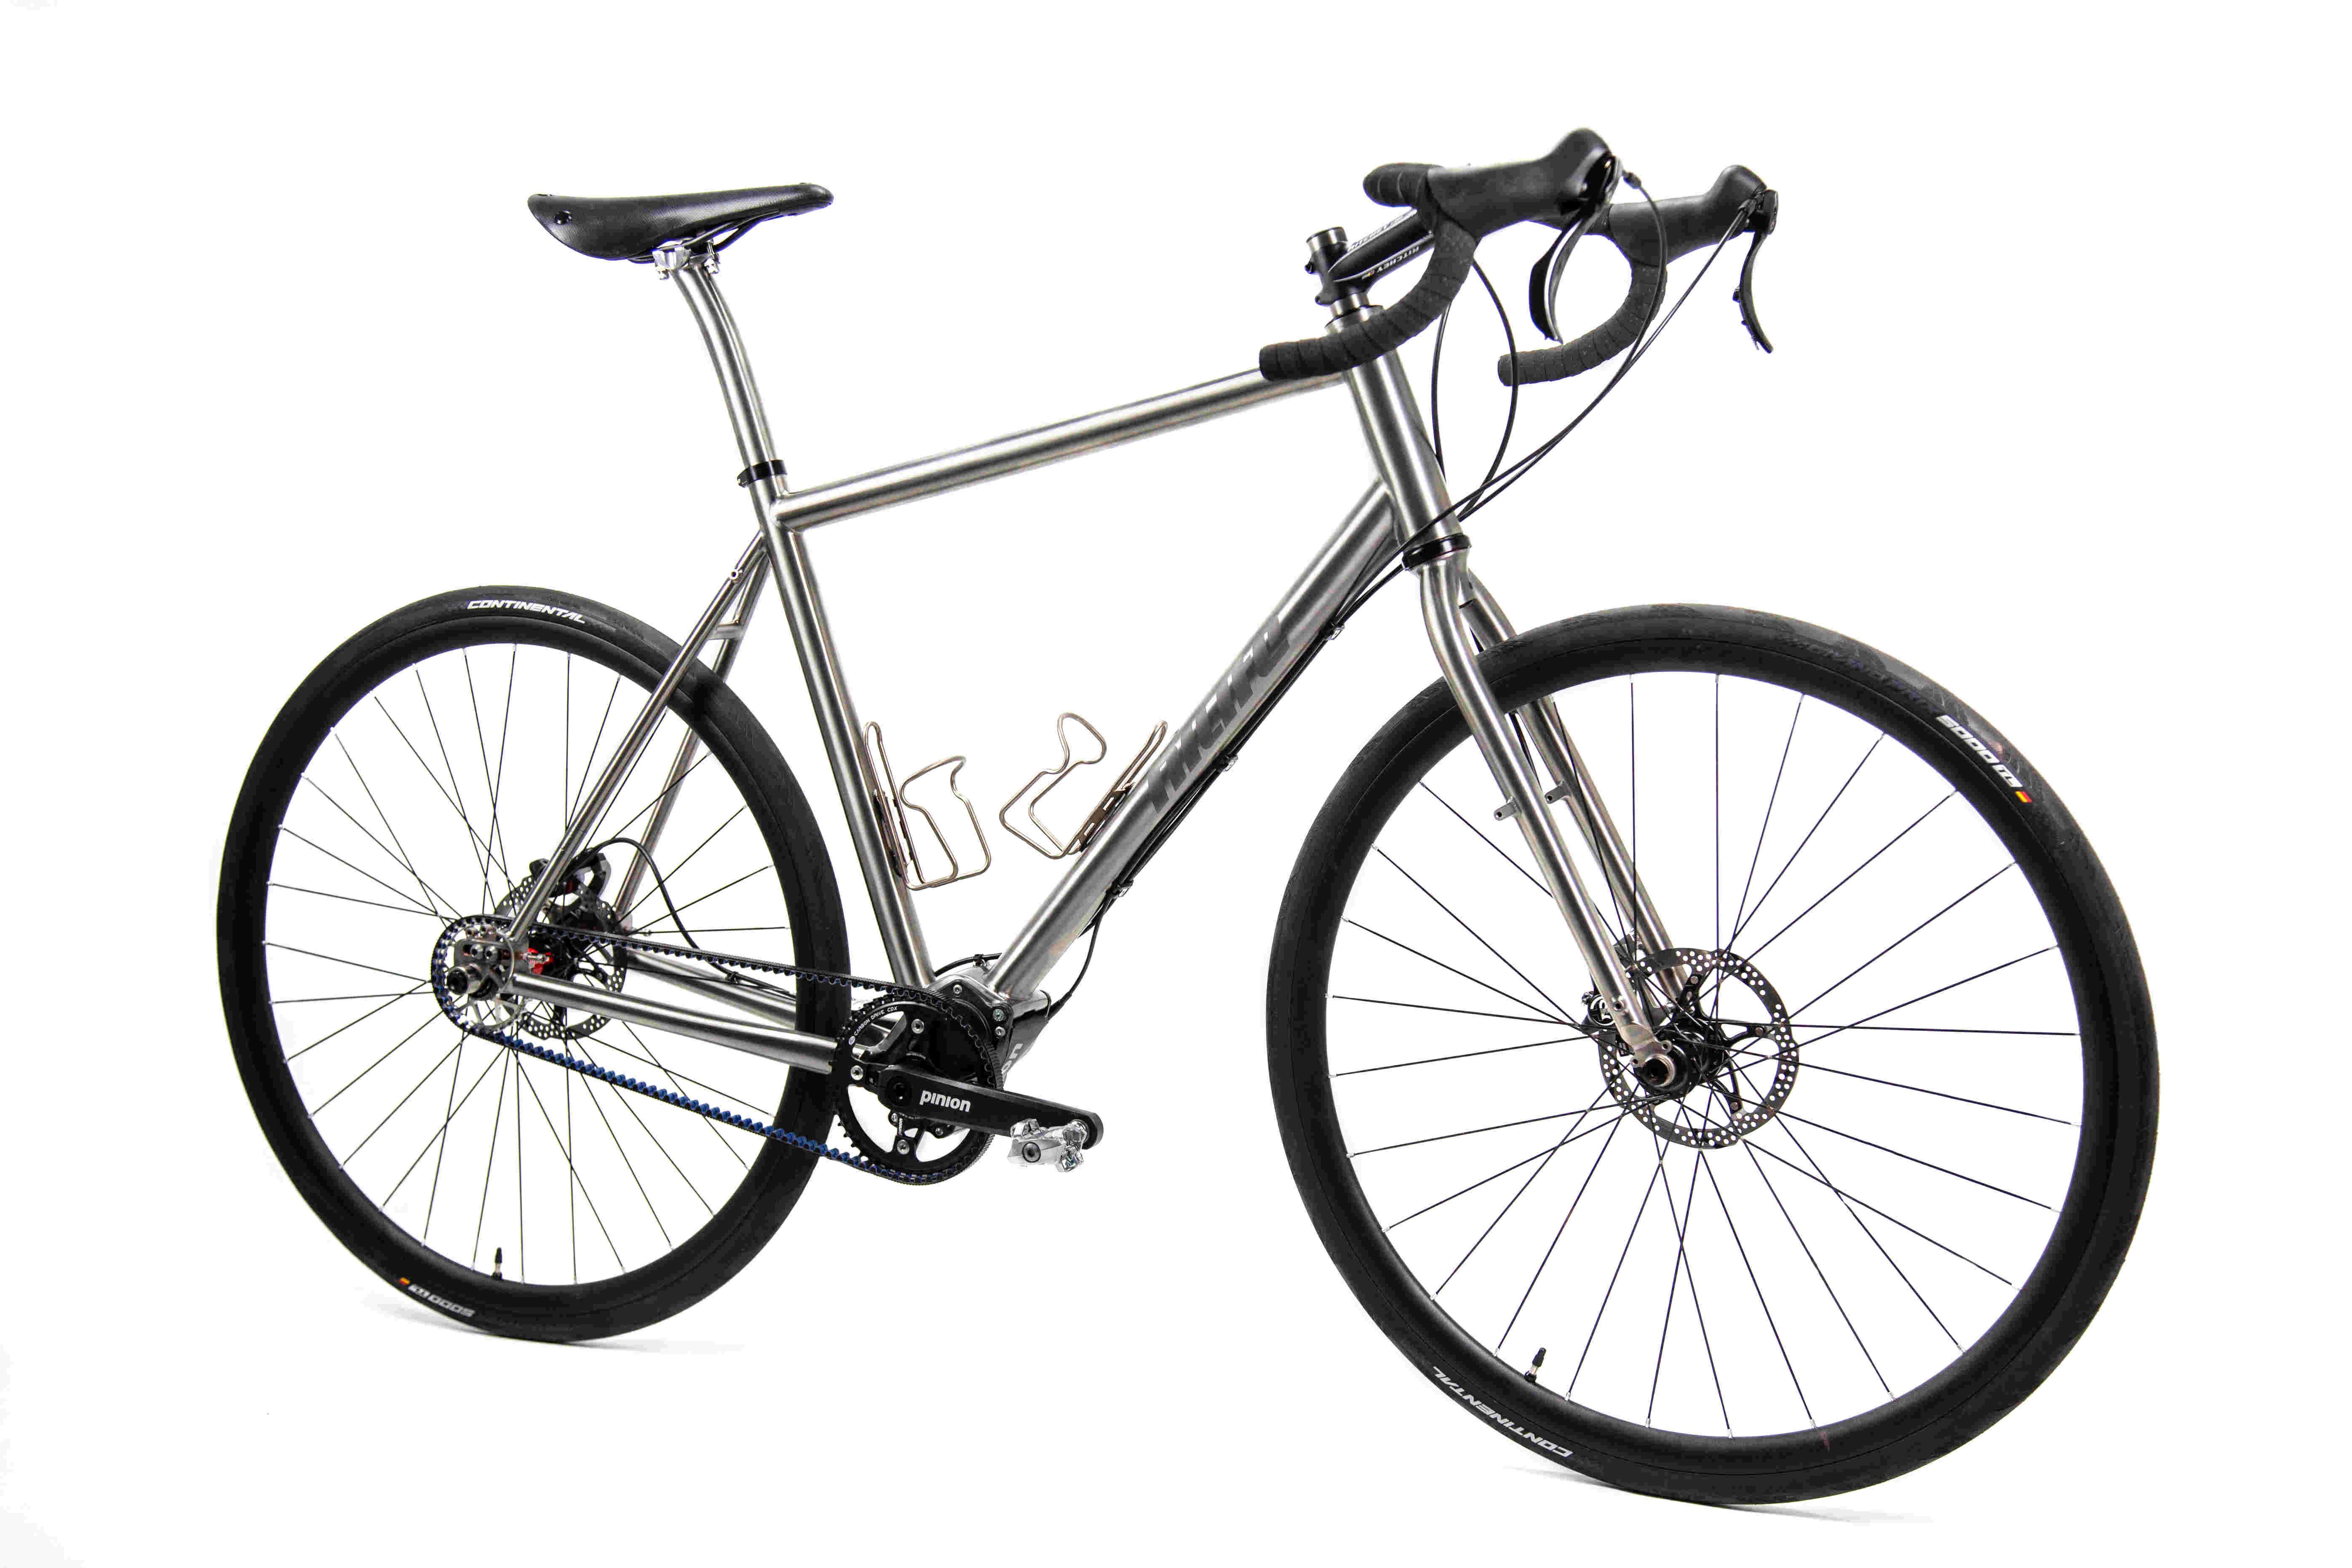 04_Pinion_Gravel_Race_Bike.jpg